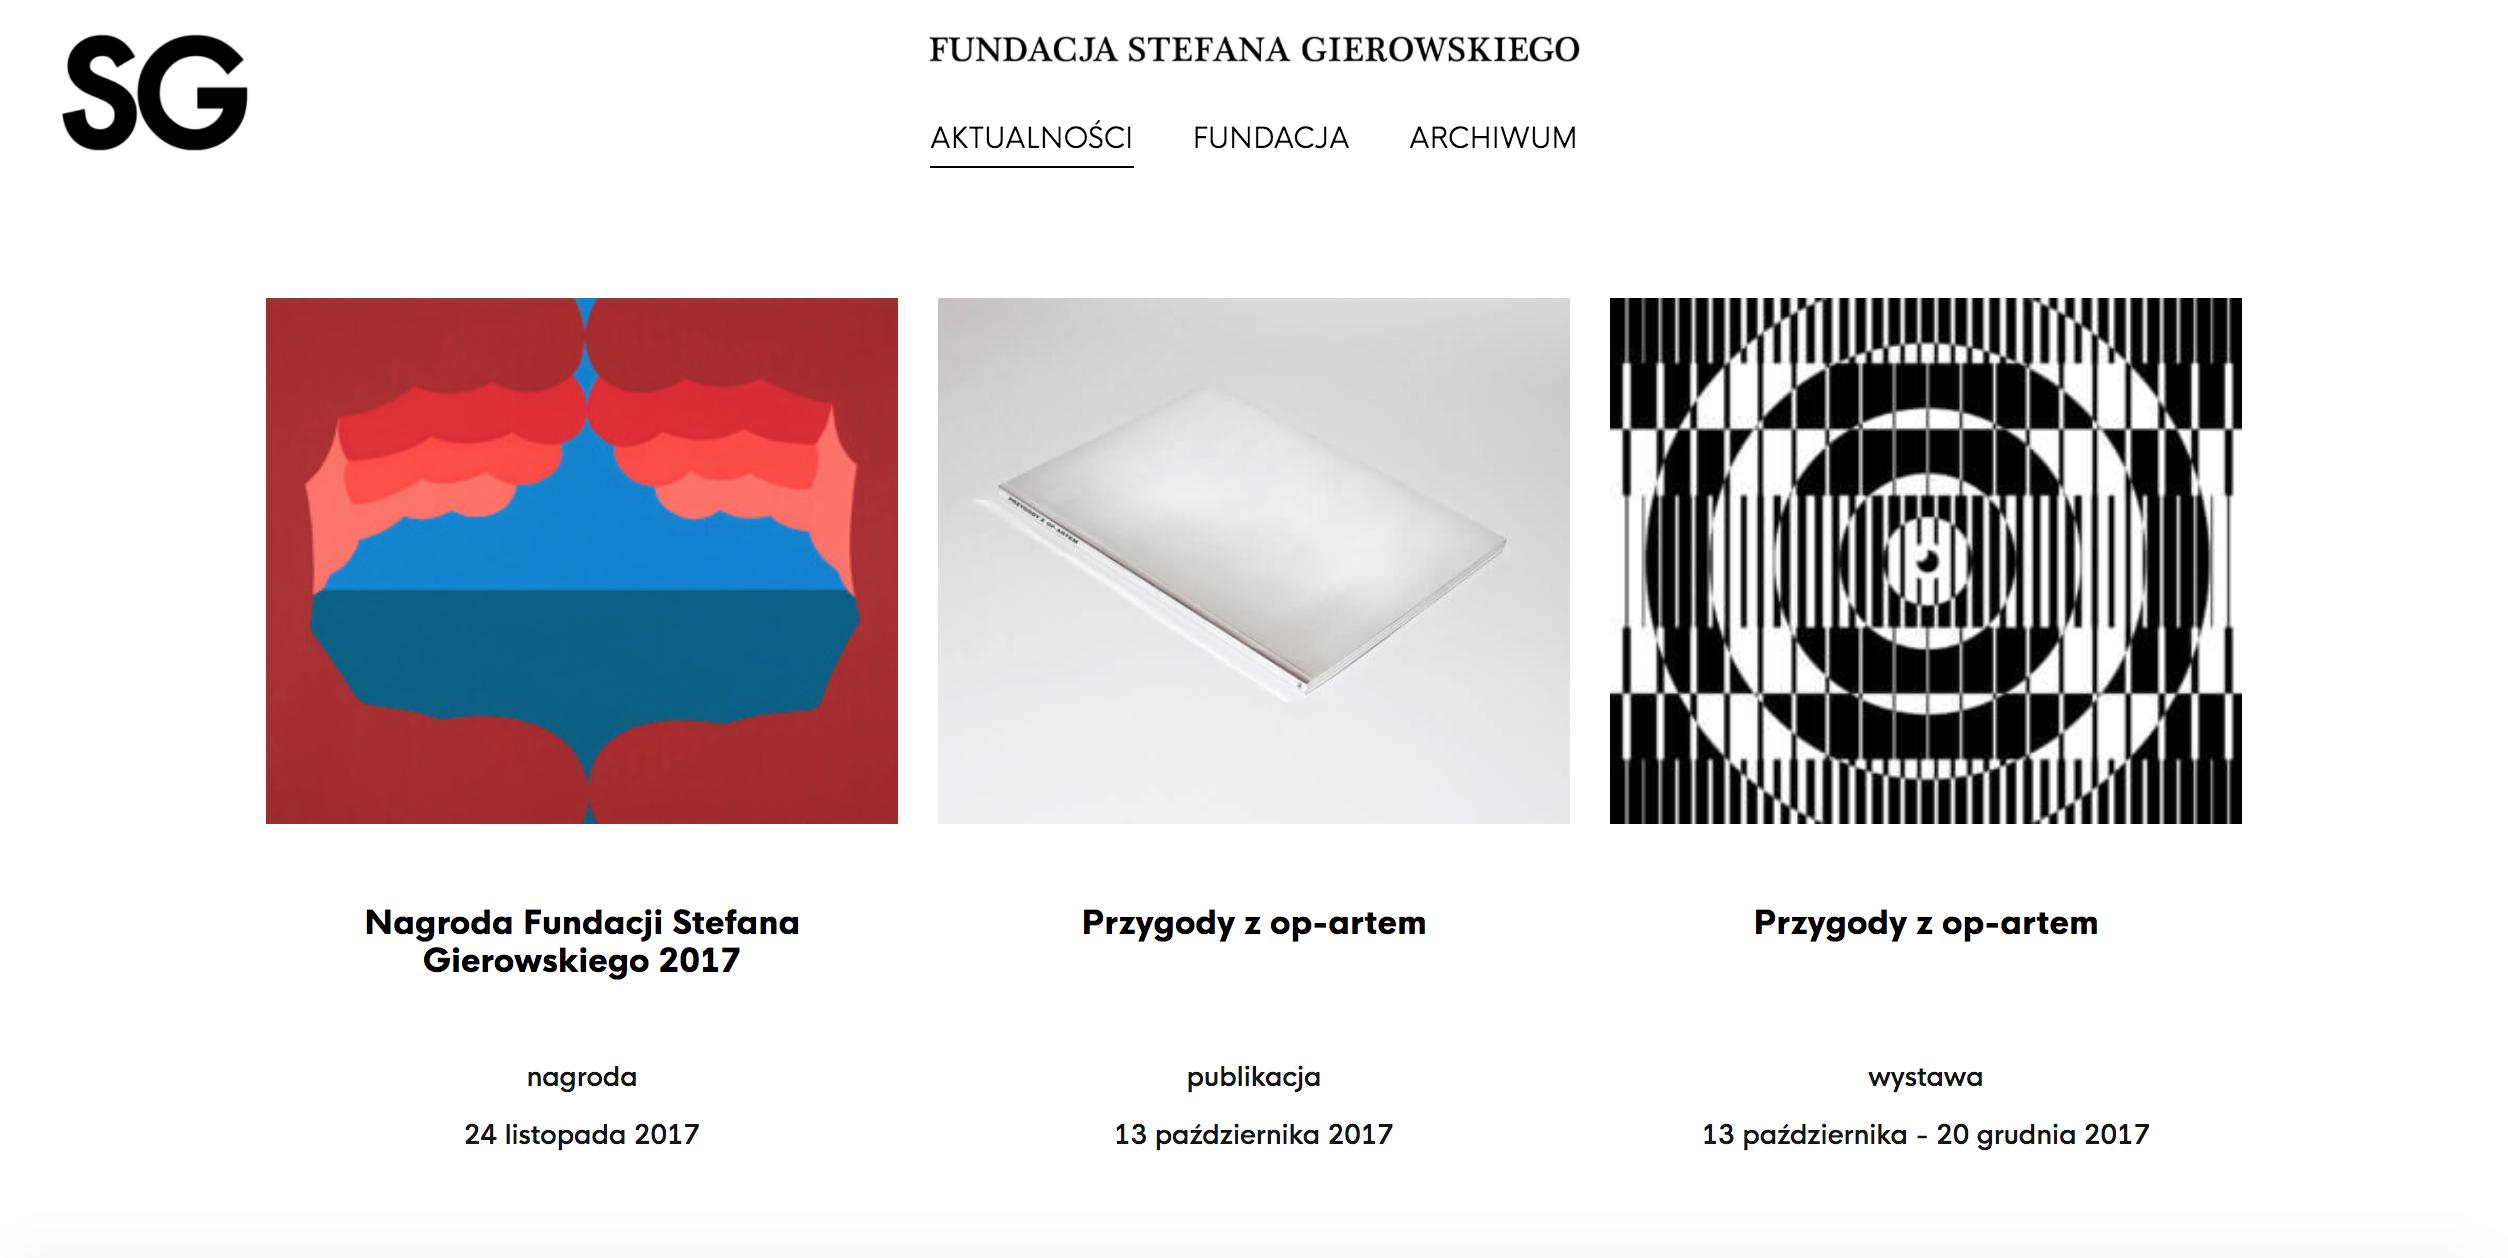 Fundacja Stefana Gierowskiego - strona